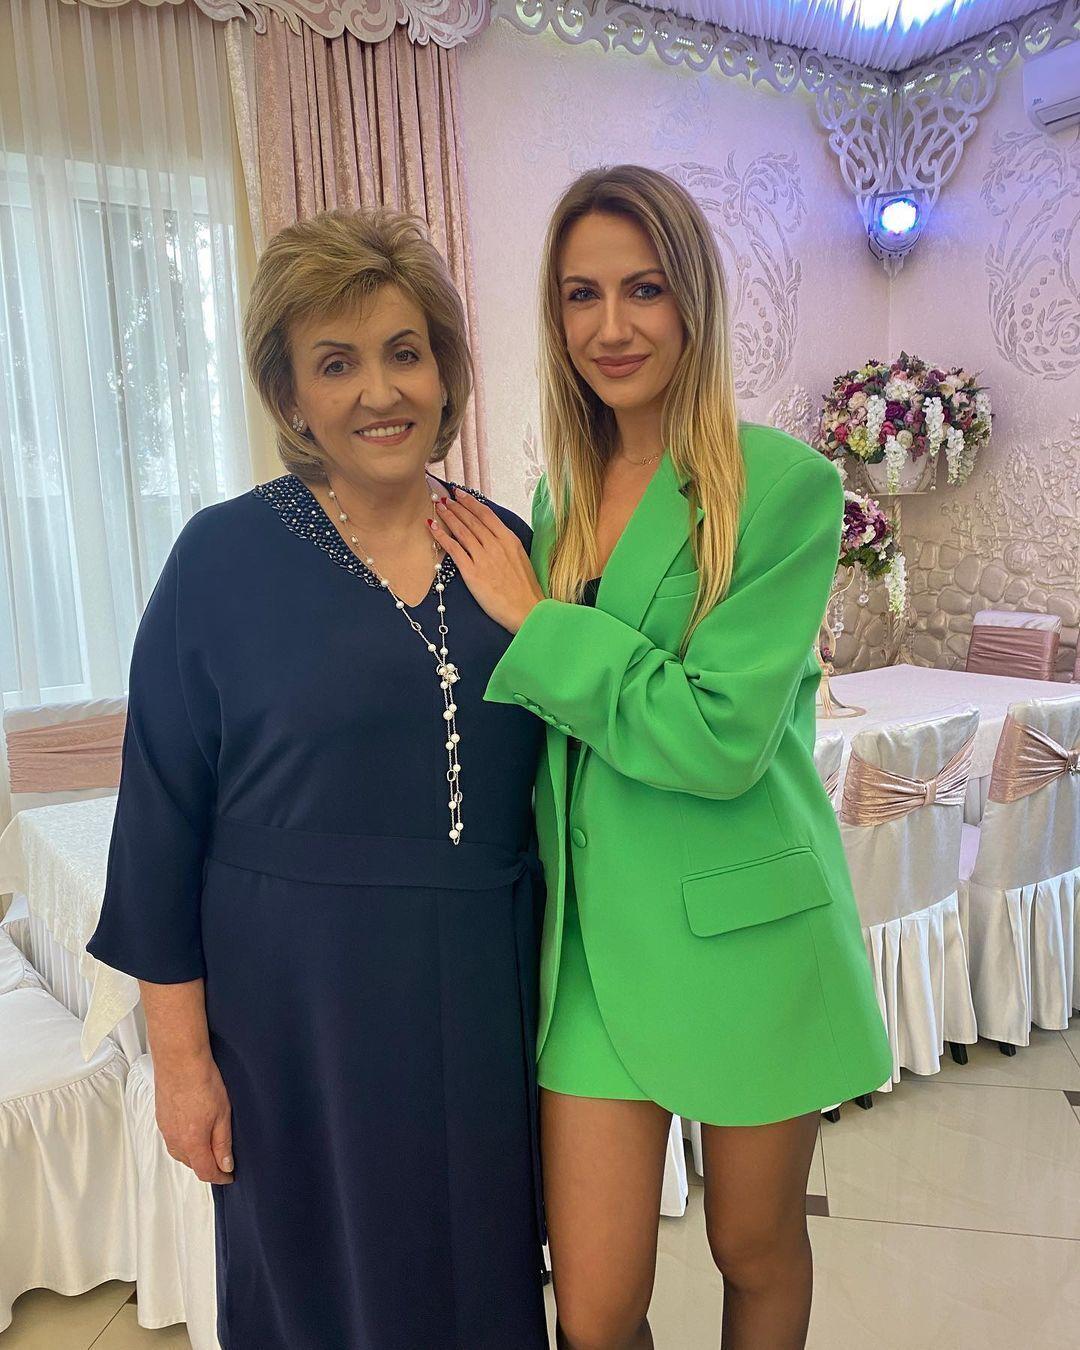 Леся Никитюк показала редкий кадр с мамой.